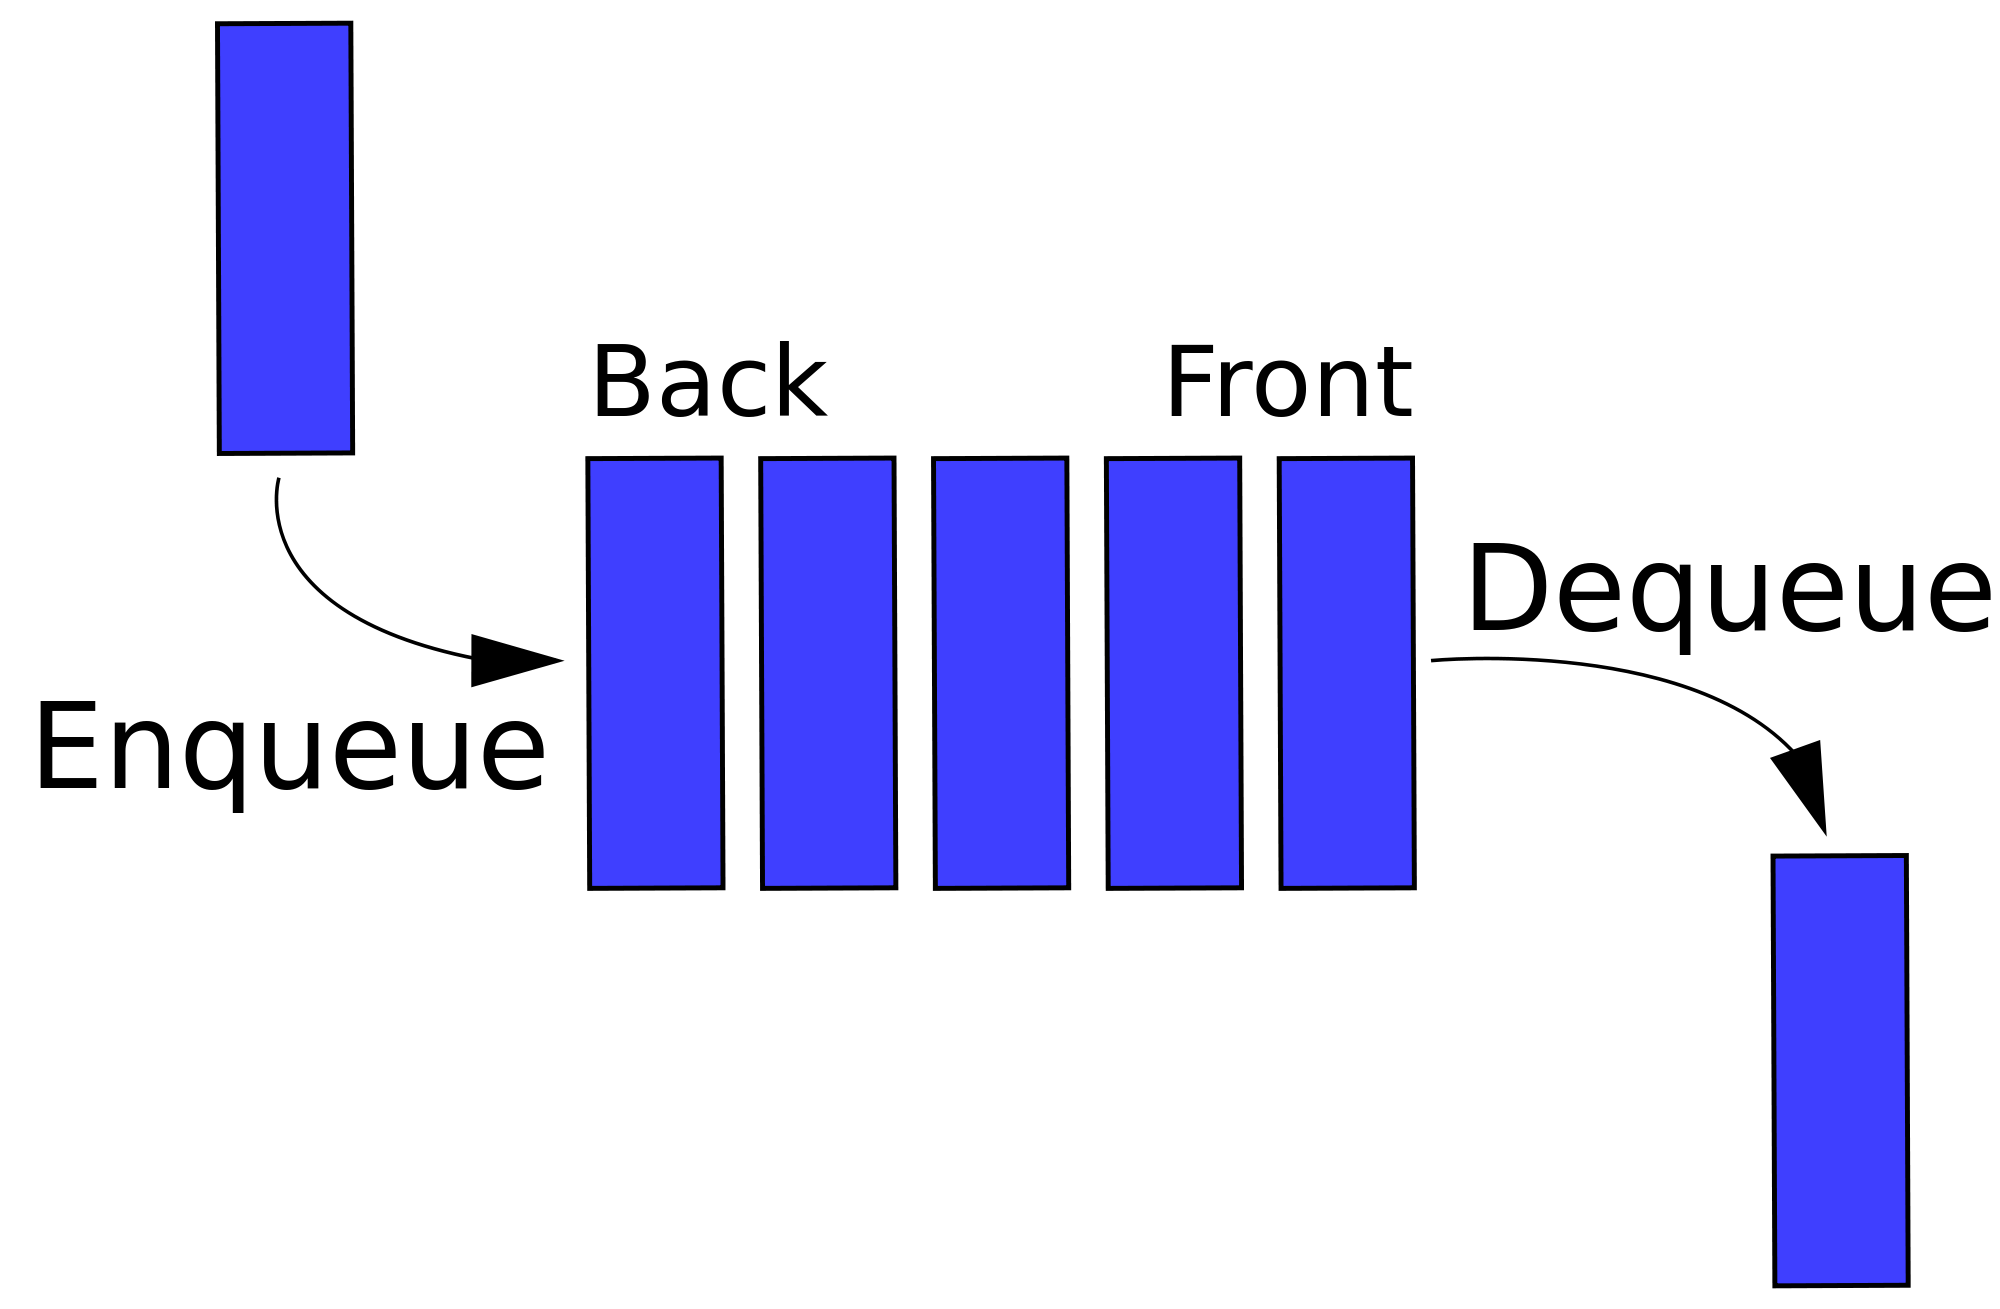 latex/einsendung/queue.png